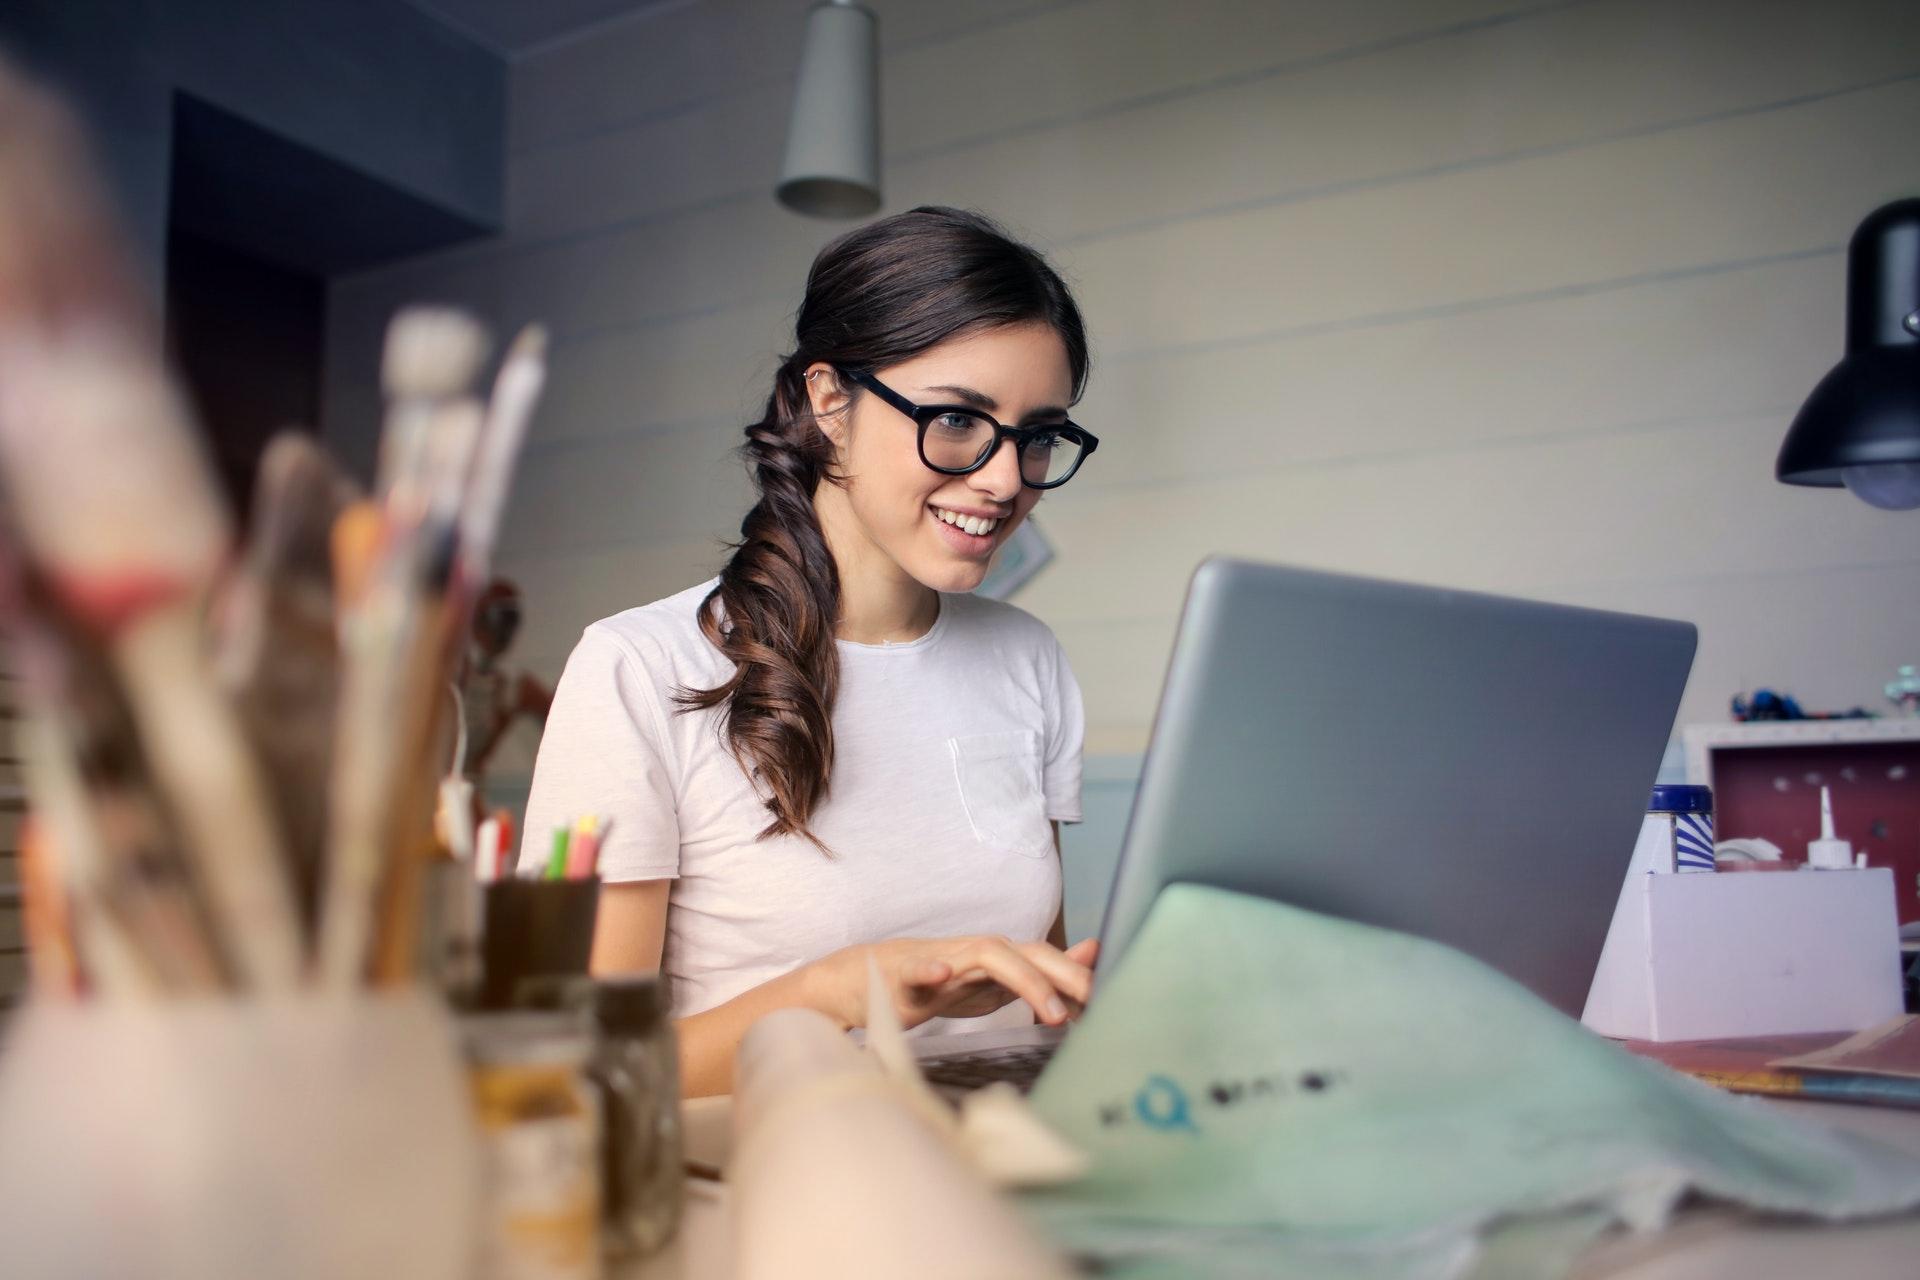 Uśmiechnięta kobieta przed komputerem